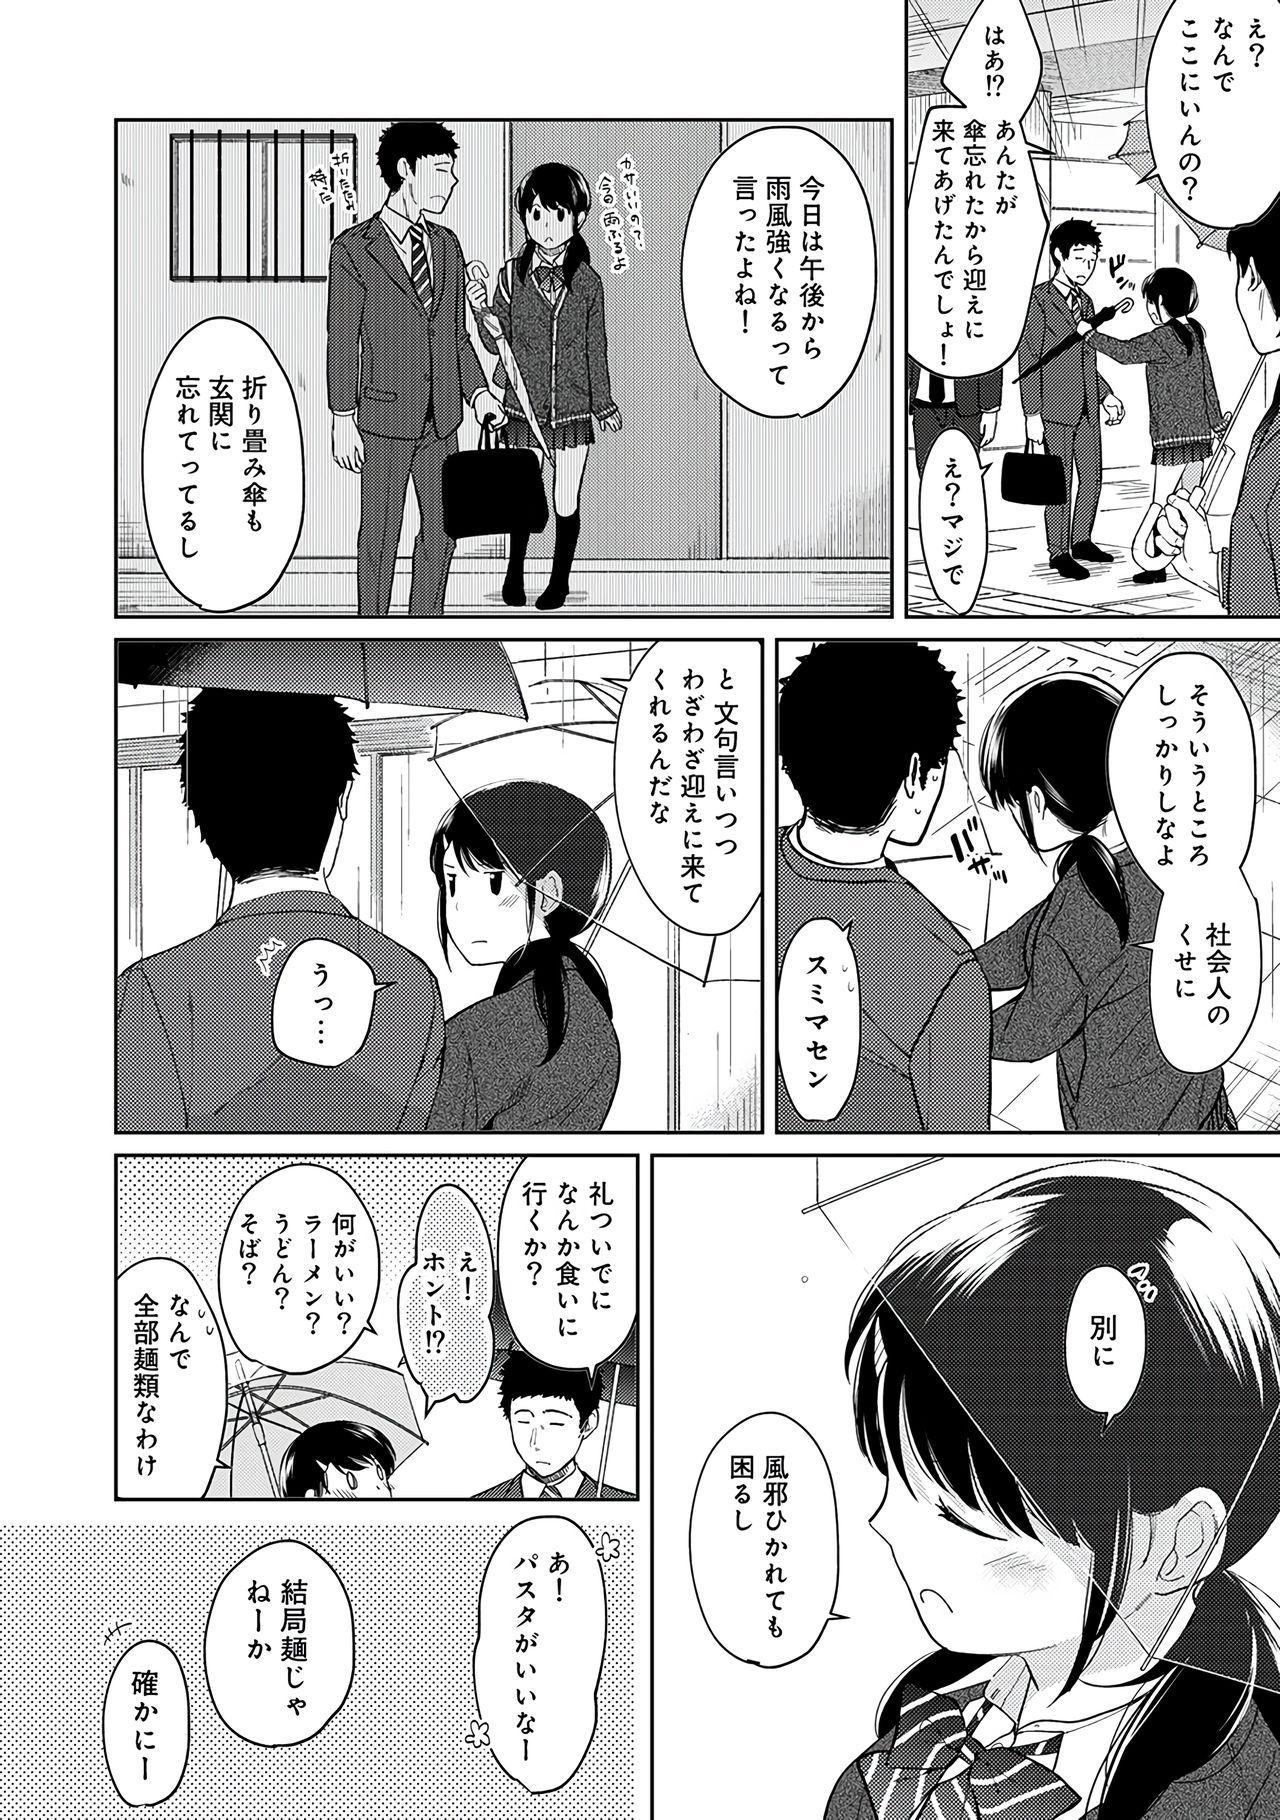 1LDK+JK Ikinari Doukyo? Micchaku!? Hatsu Ecchi!!? Vol.2 115